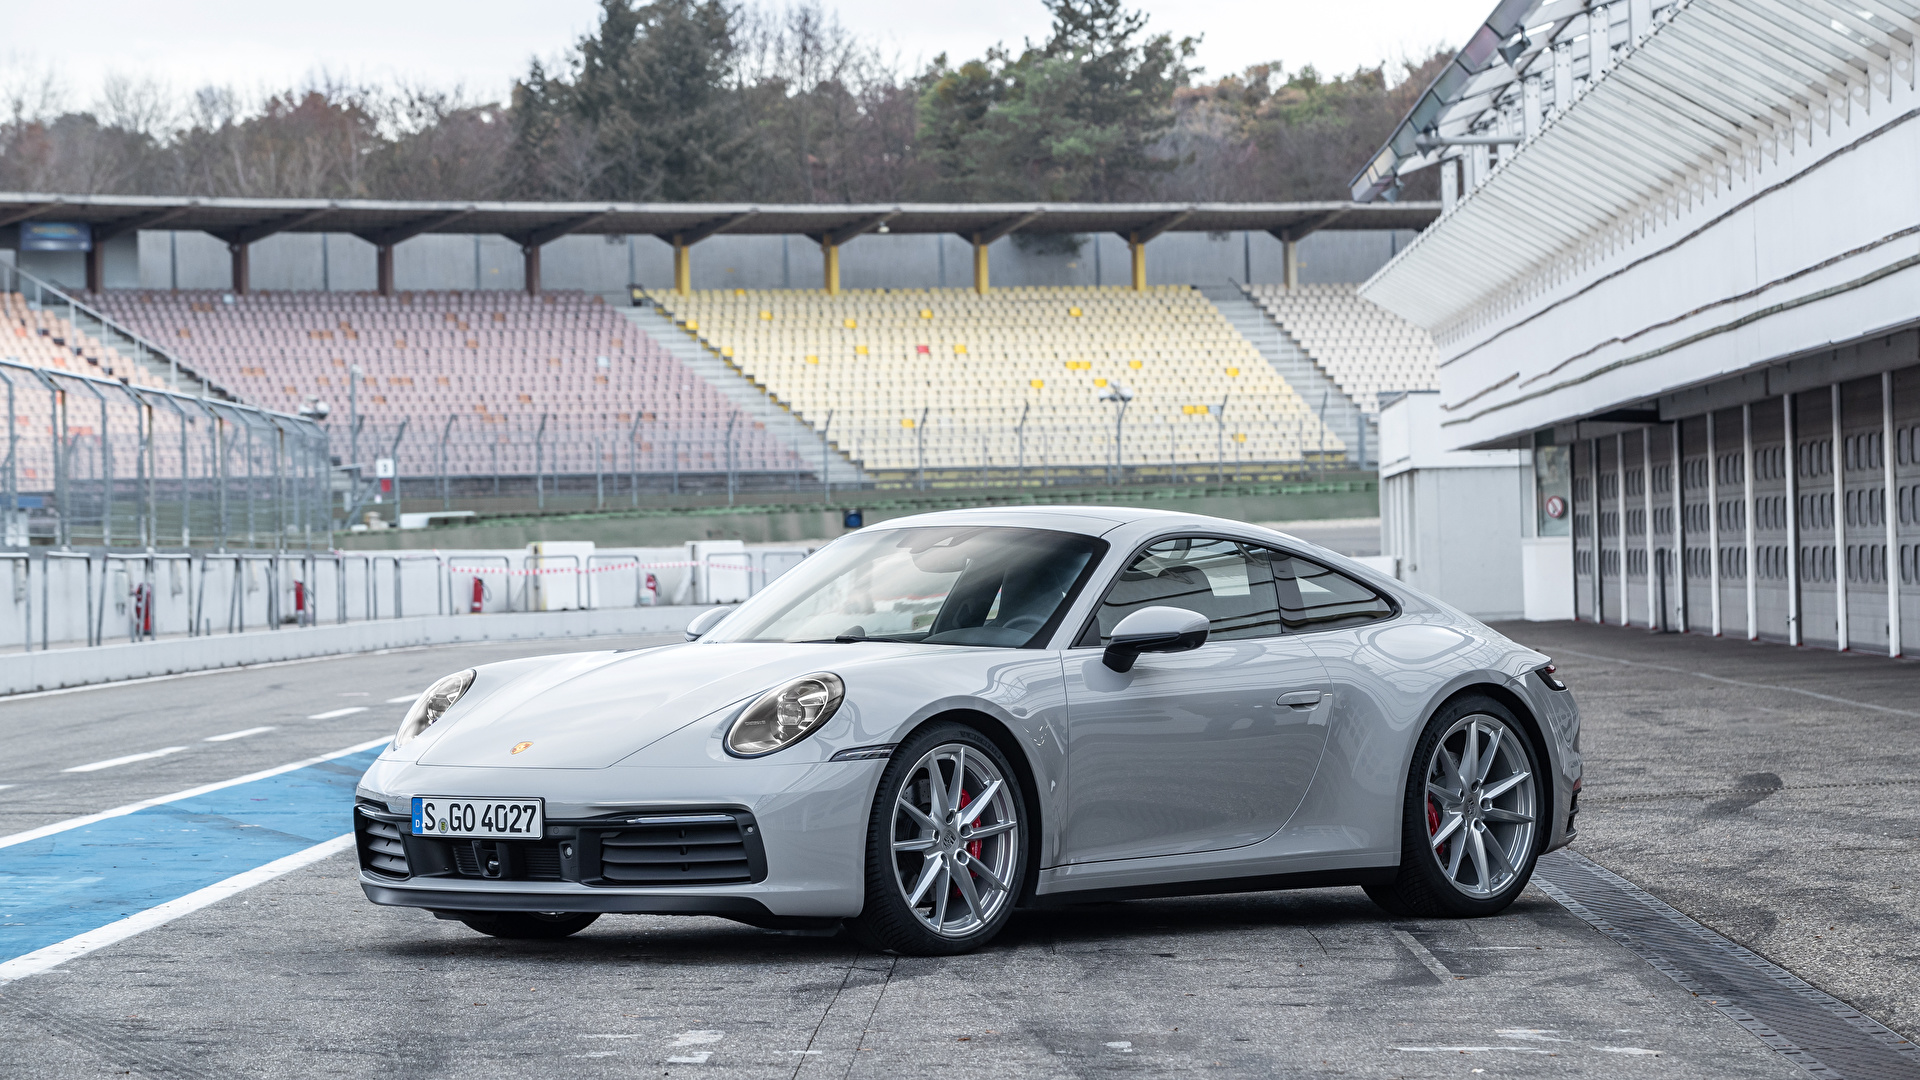 Фото Porsche 2019 911 Carrera S Worldwide серые авто Металлик 1920x1080 Порше Серый серая машина машины автомобиль Автомобили